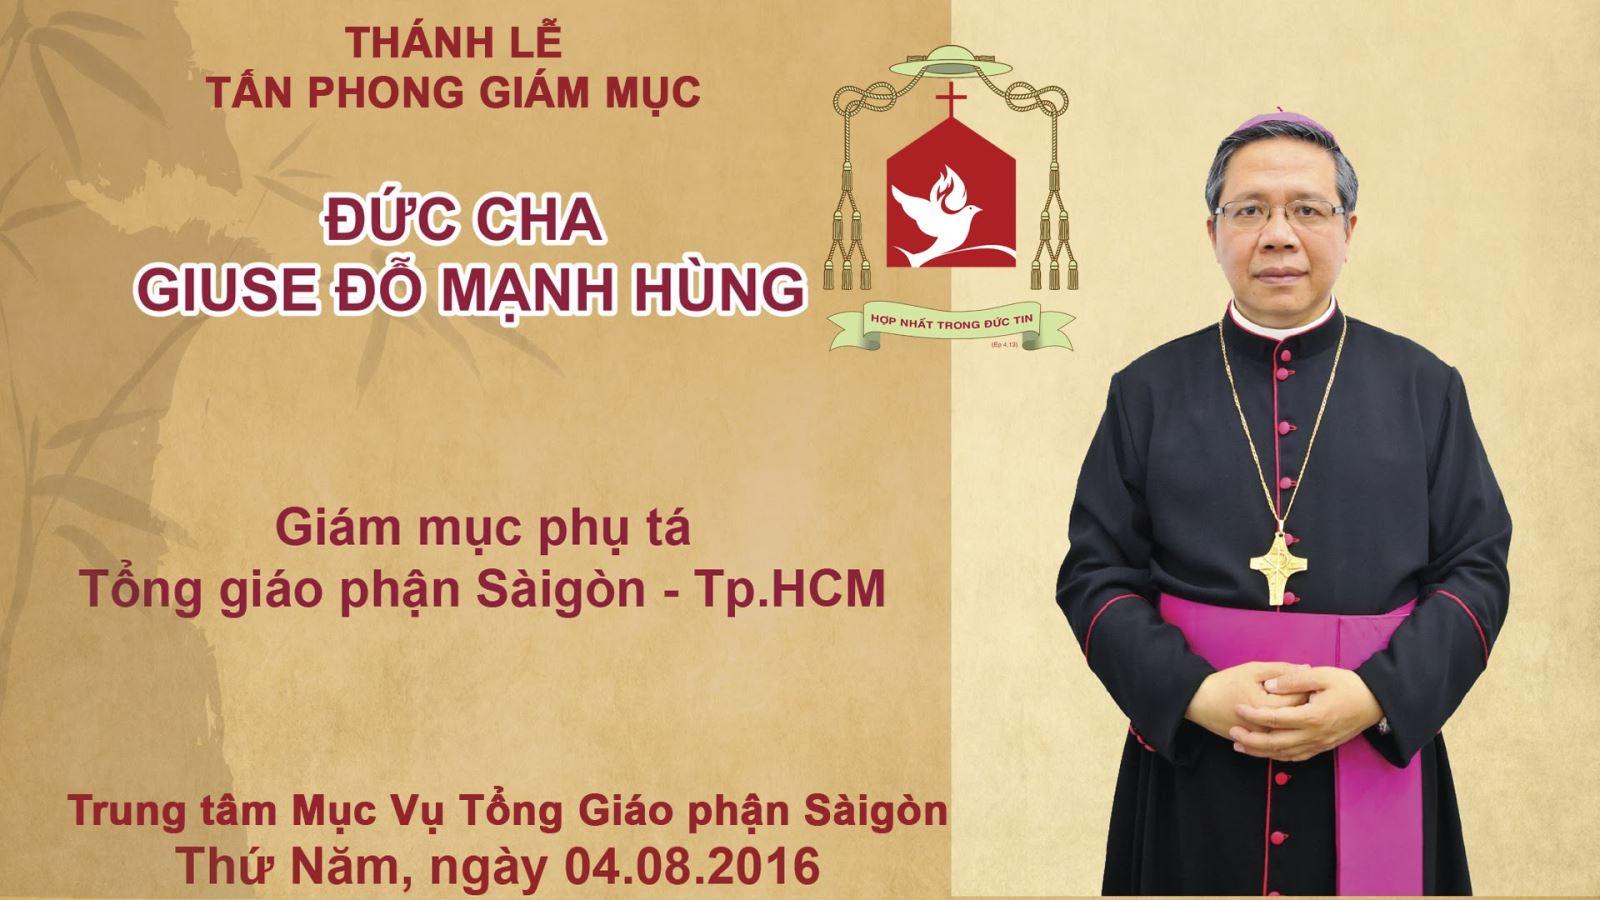 Lễ truyền chức Giám mục Giuse Đỗ Mạnh Hùng (4.8.2016)